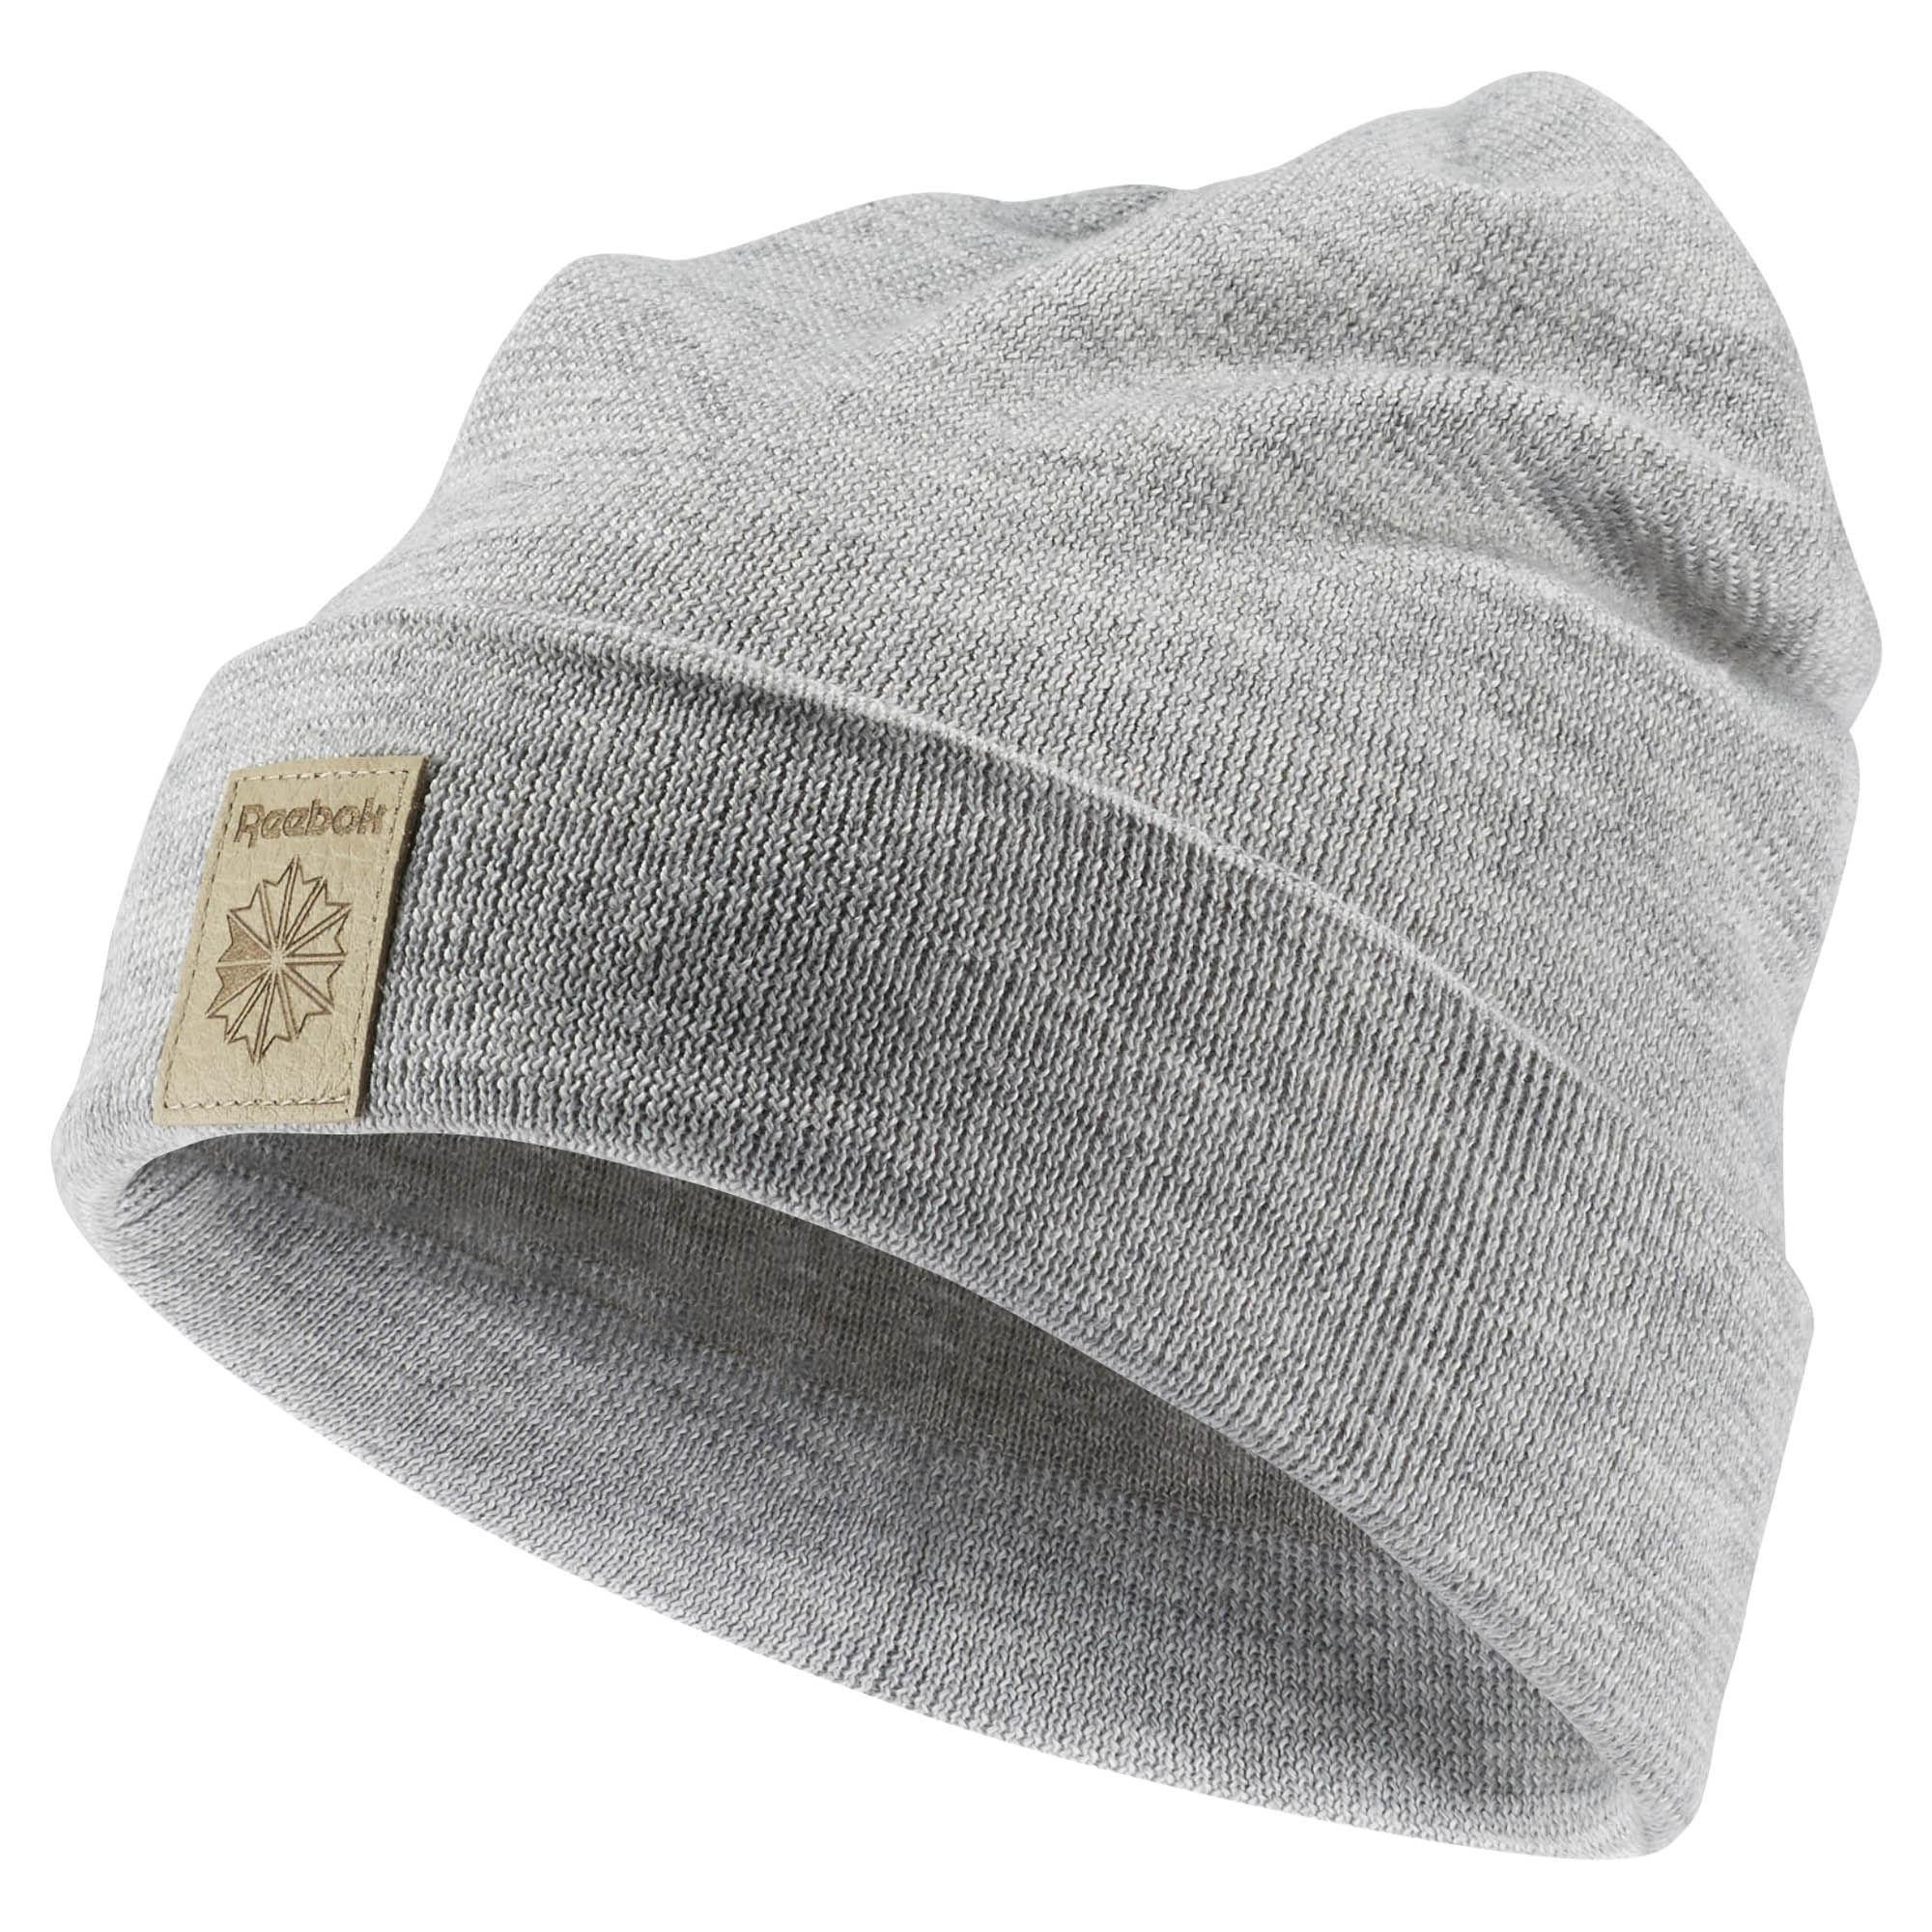 Шапка Reebok Classics Foundation Beanie, цвет: серый. AX9979. Размер 58/60AX9979Стильная шапка Reebok Classics Foundation Beanie выполнена из акрила с добавлением шерсти и с подкладкой из натурального хлопка.Шапка оформлена небольшой вышивкой с фирменным логотипом.Уважаемые клиенты!Размер, доступный для заказа, является обхватом головы.